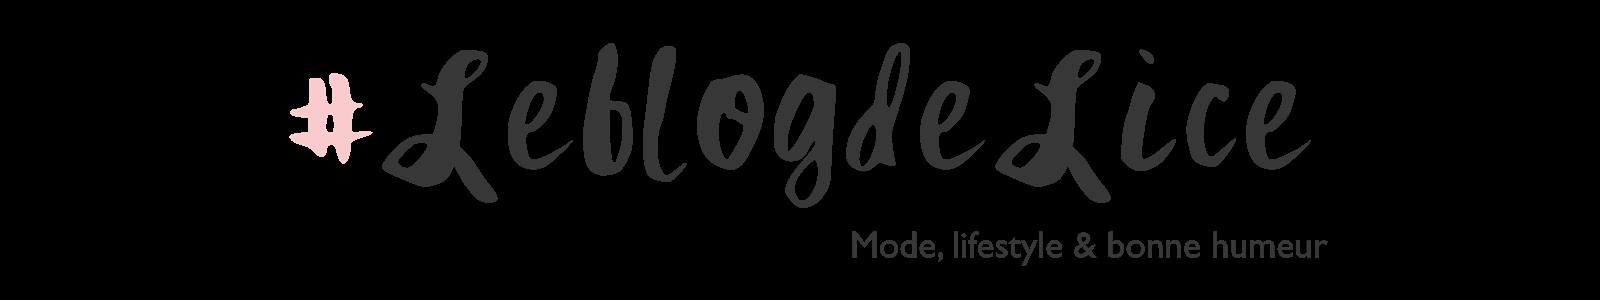 Le blog de Lice - Blog lyon mode, beauté & lifestyle